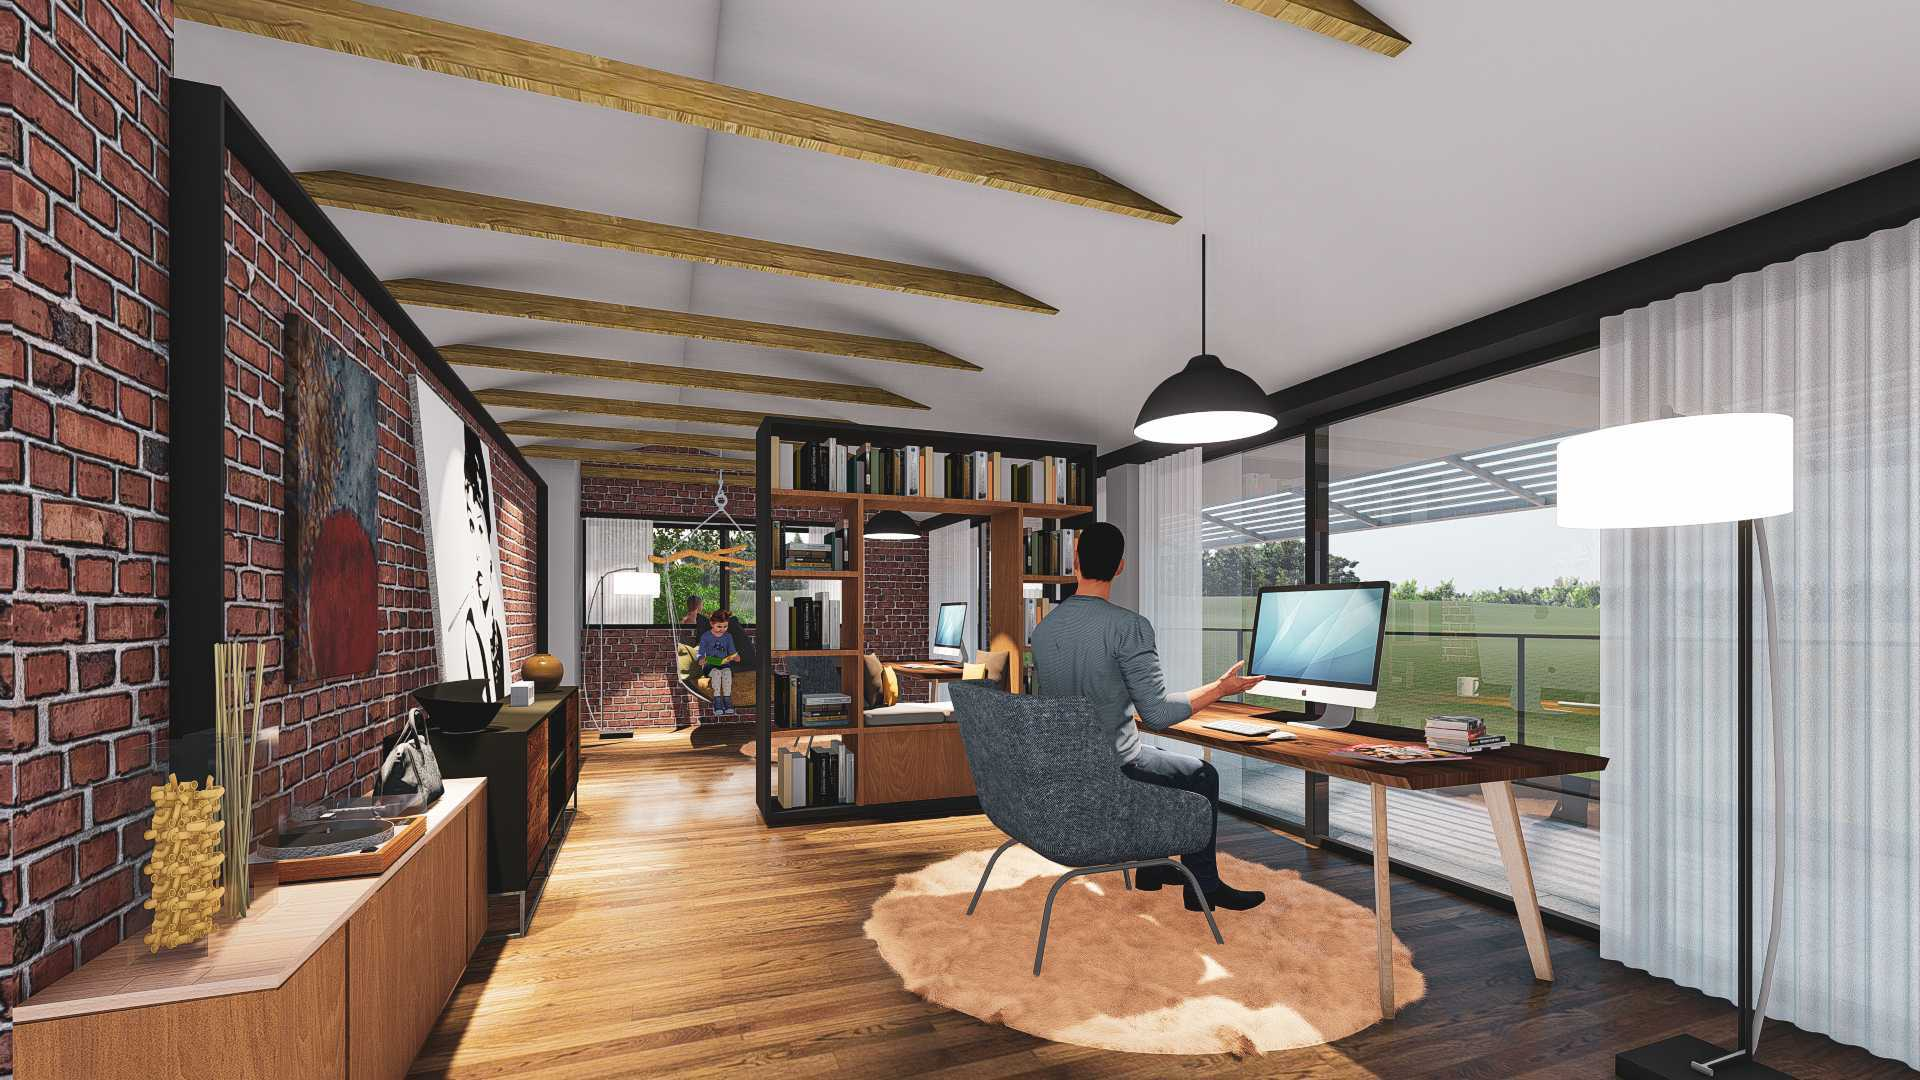 Bral Architect Alpen House In Germany 46519 Alpen, Jerman 46519 Alpen, Jerman Bral-Architect-Alpen-House-In-Germany   99892